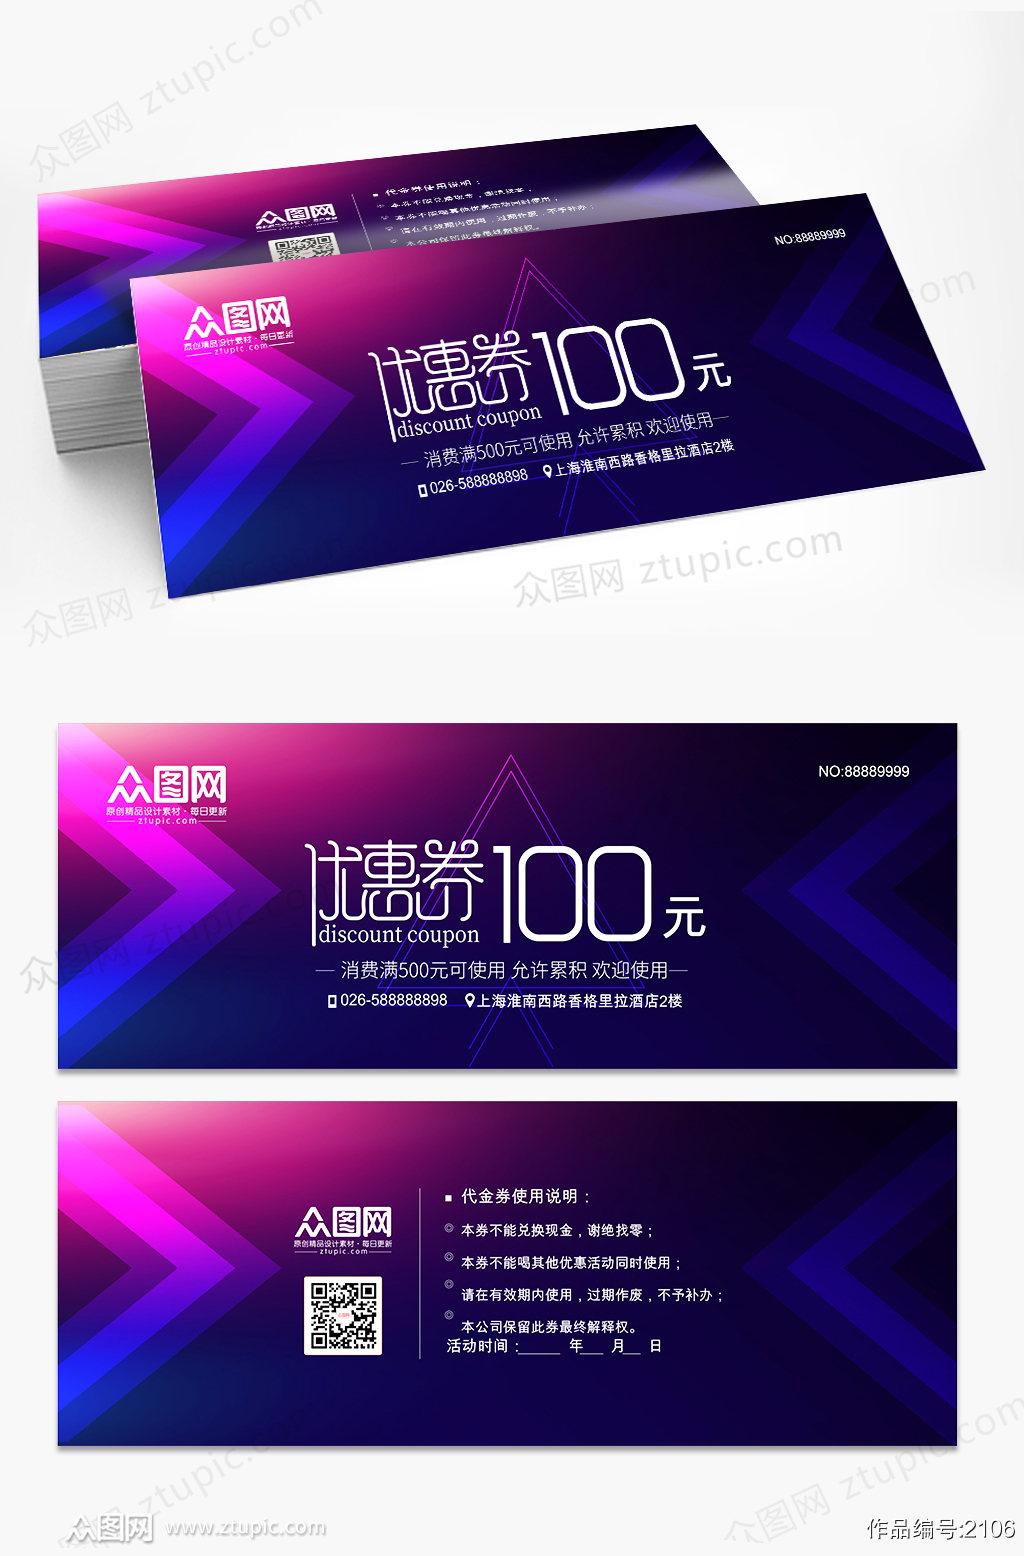 简约时尚炫酷紫红色代金券企业优惠券设计素材